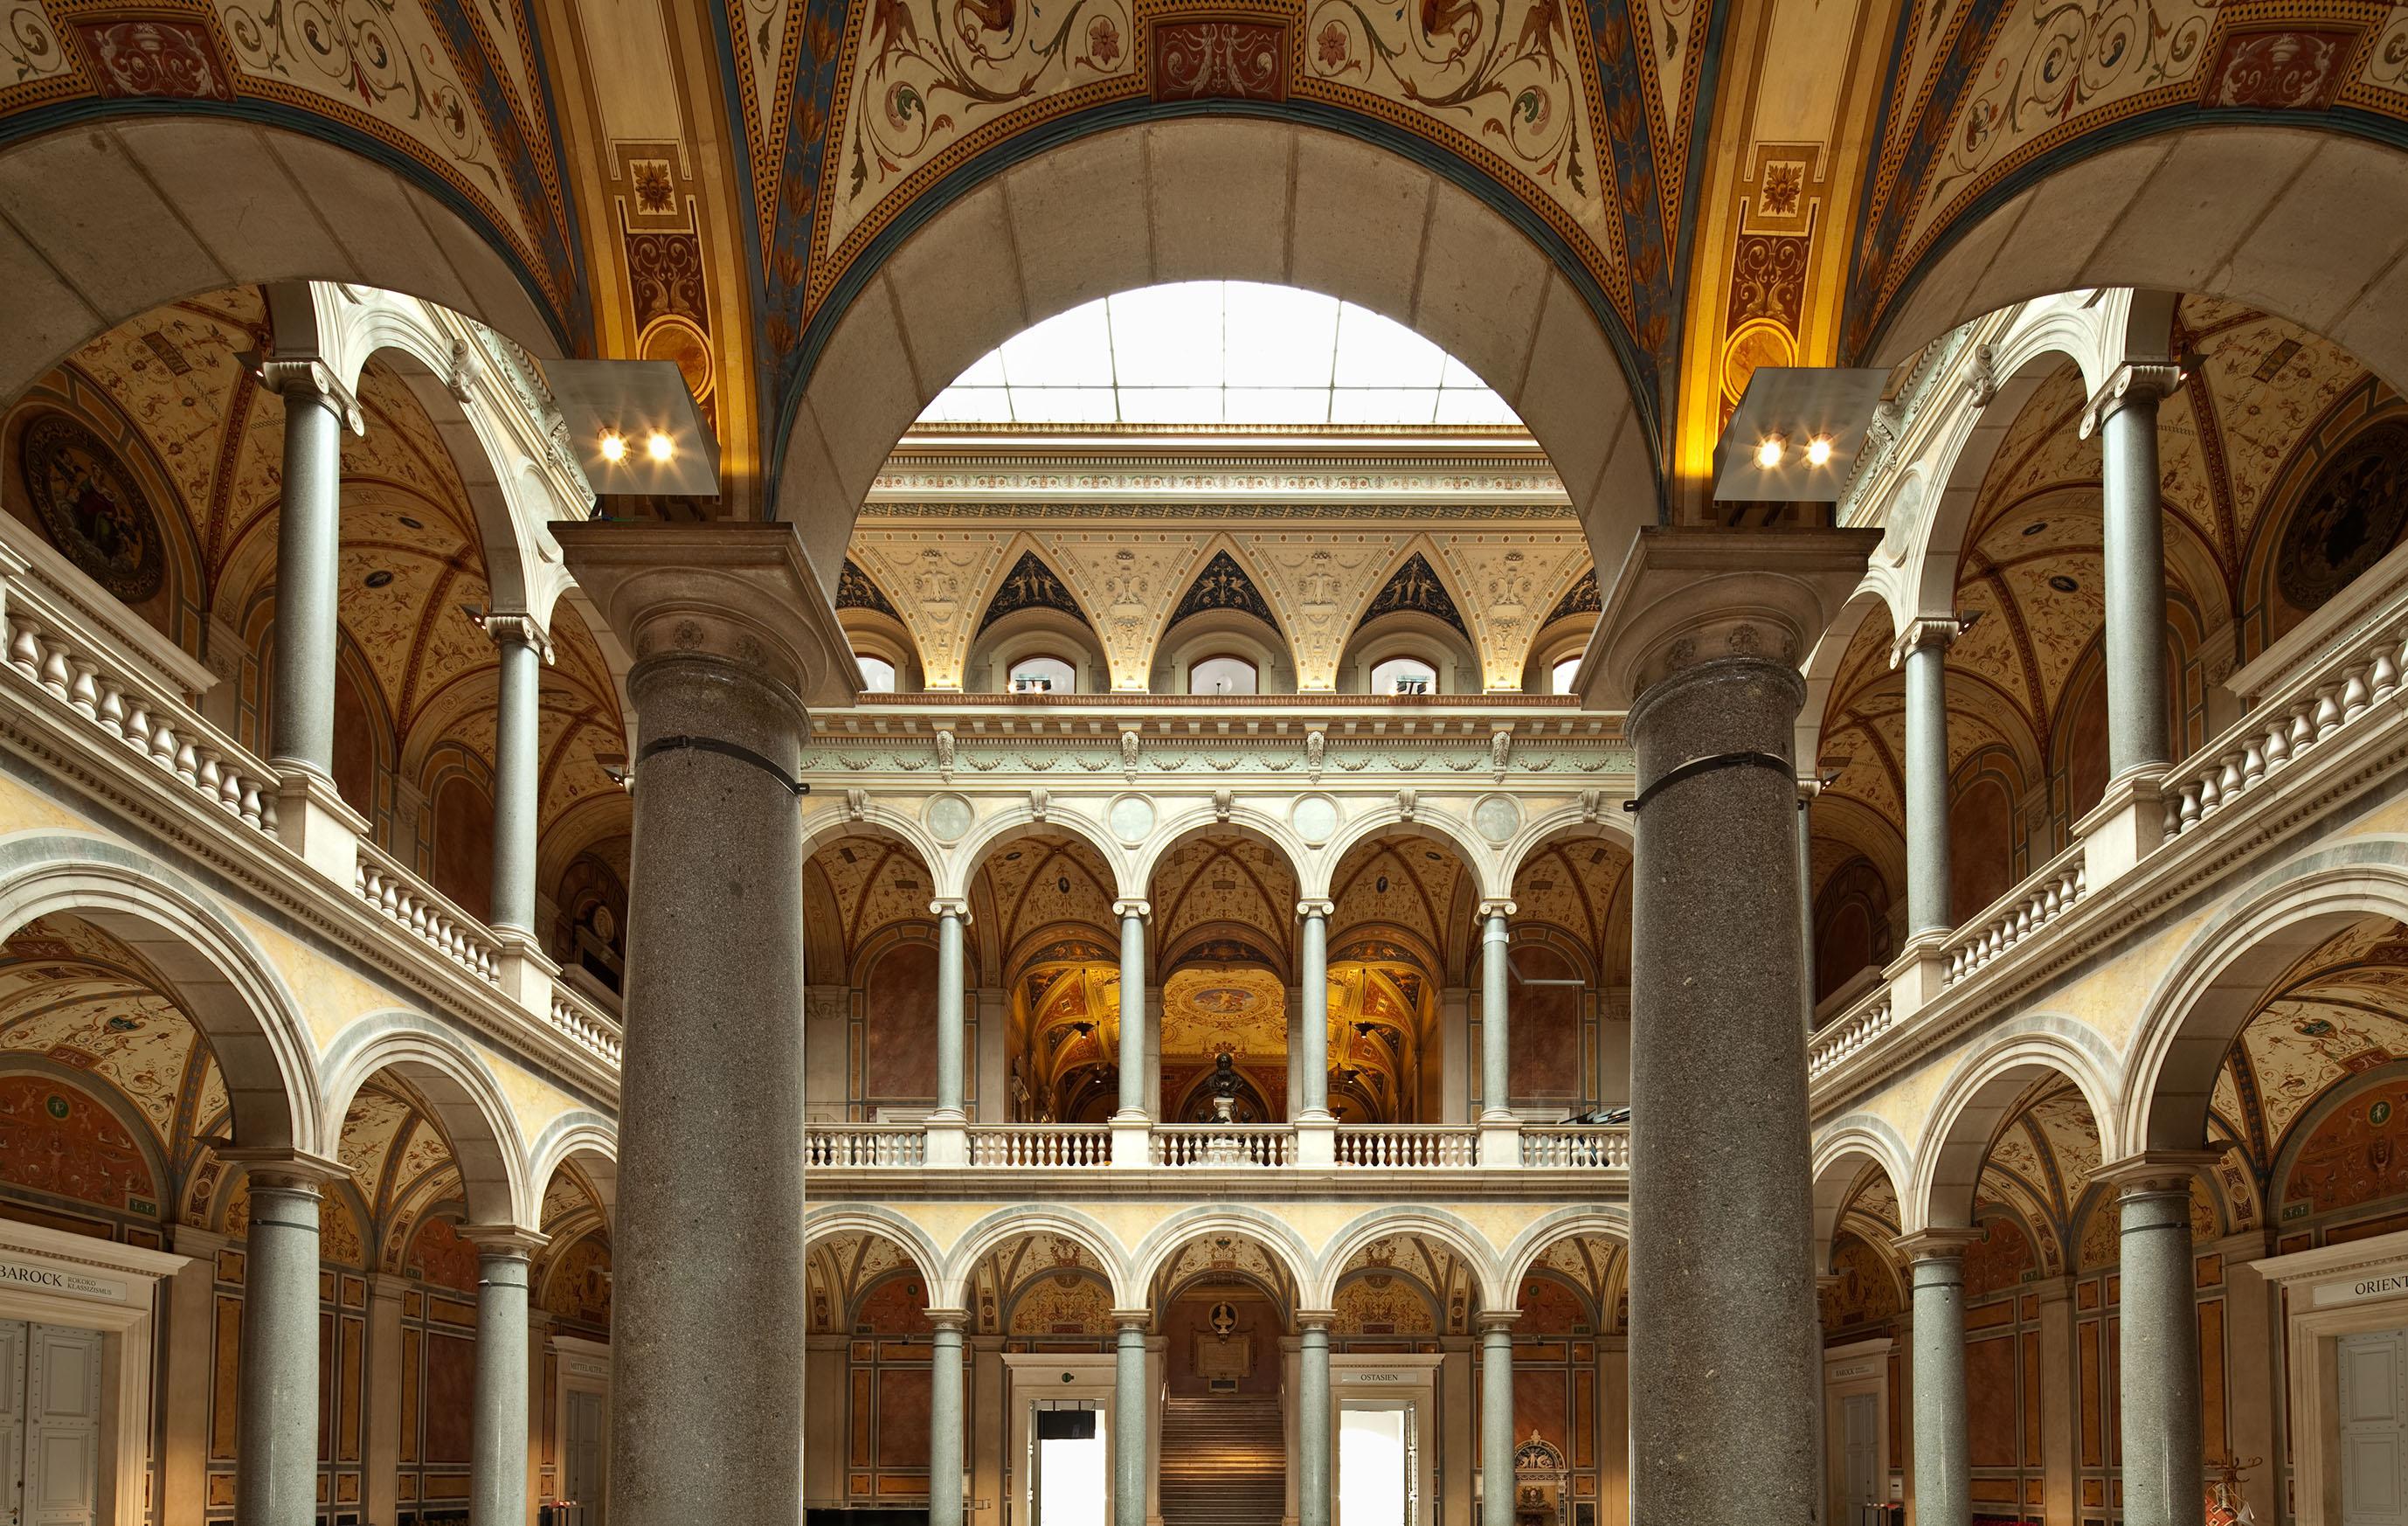 MAK - Museum für angewandte Kunst, Säulenhalle